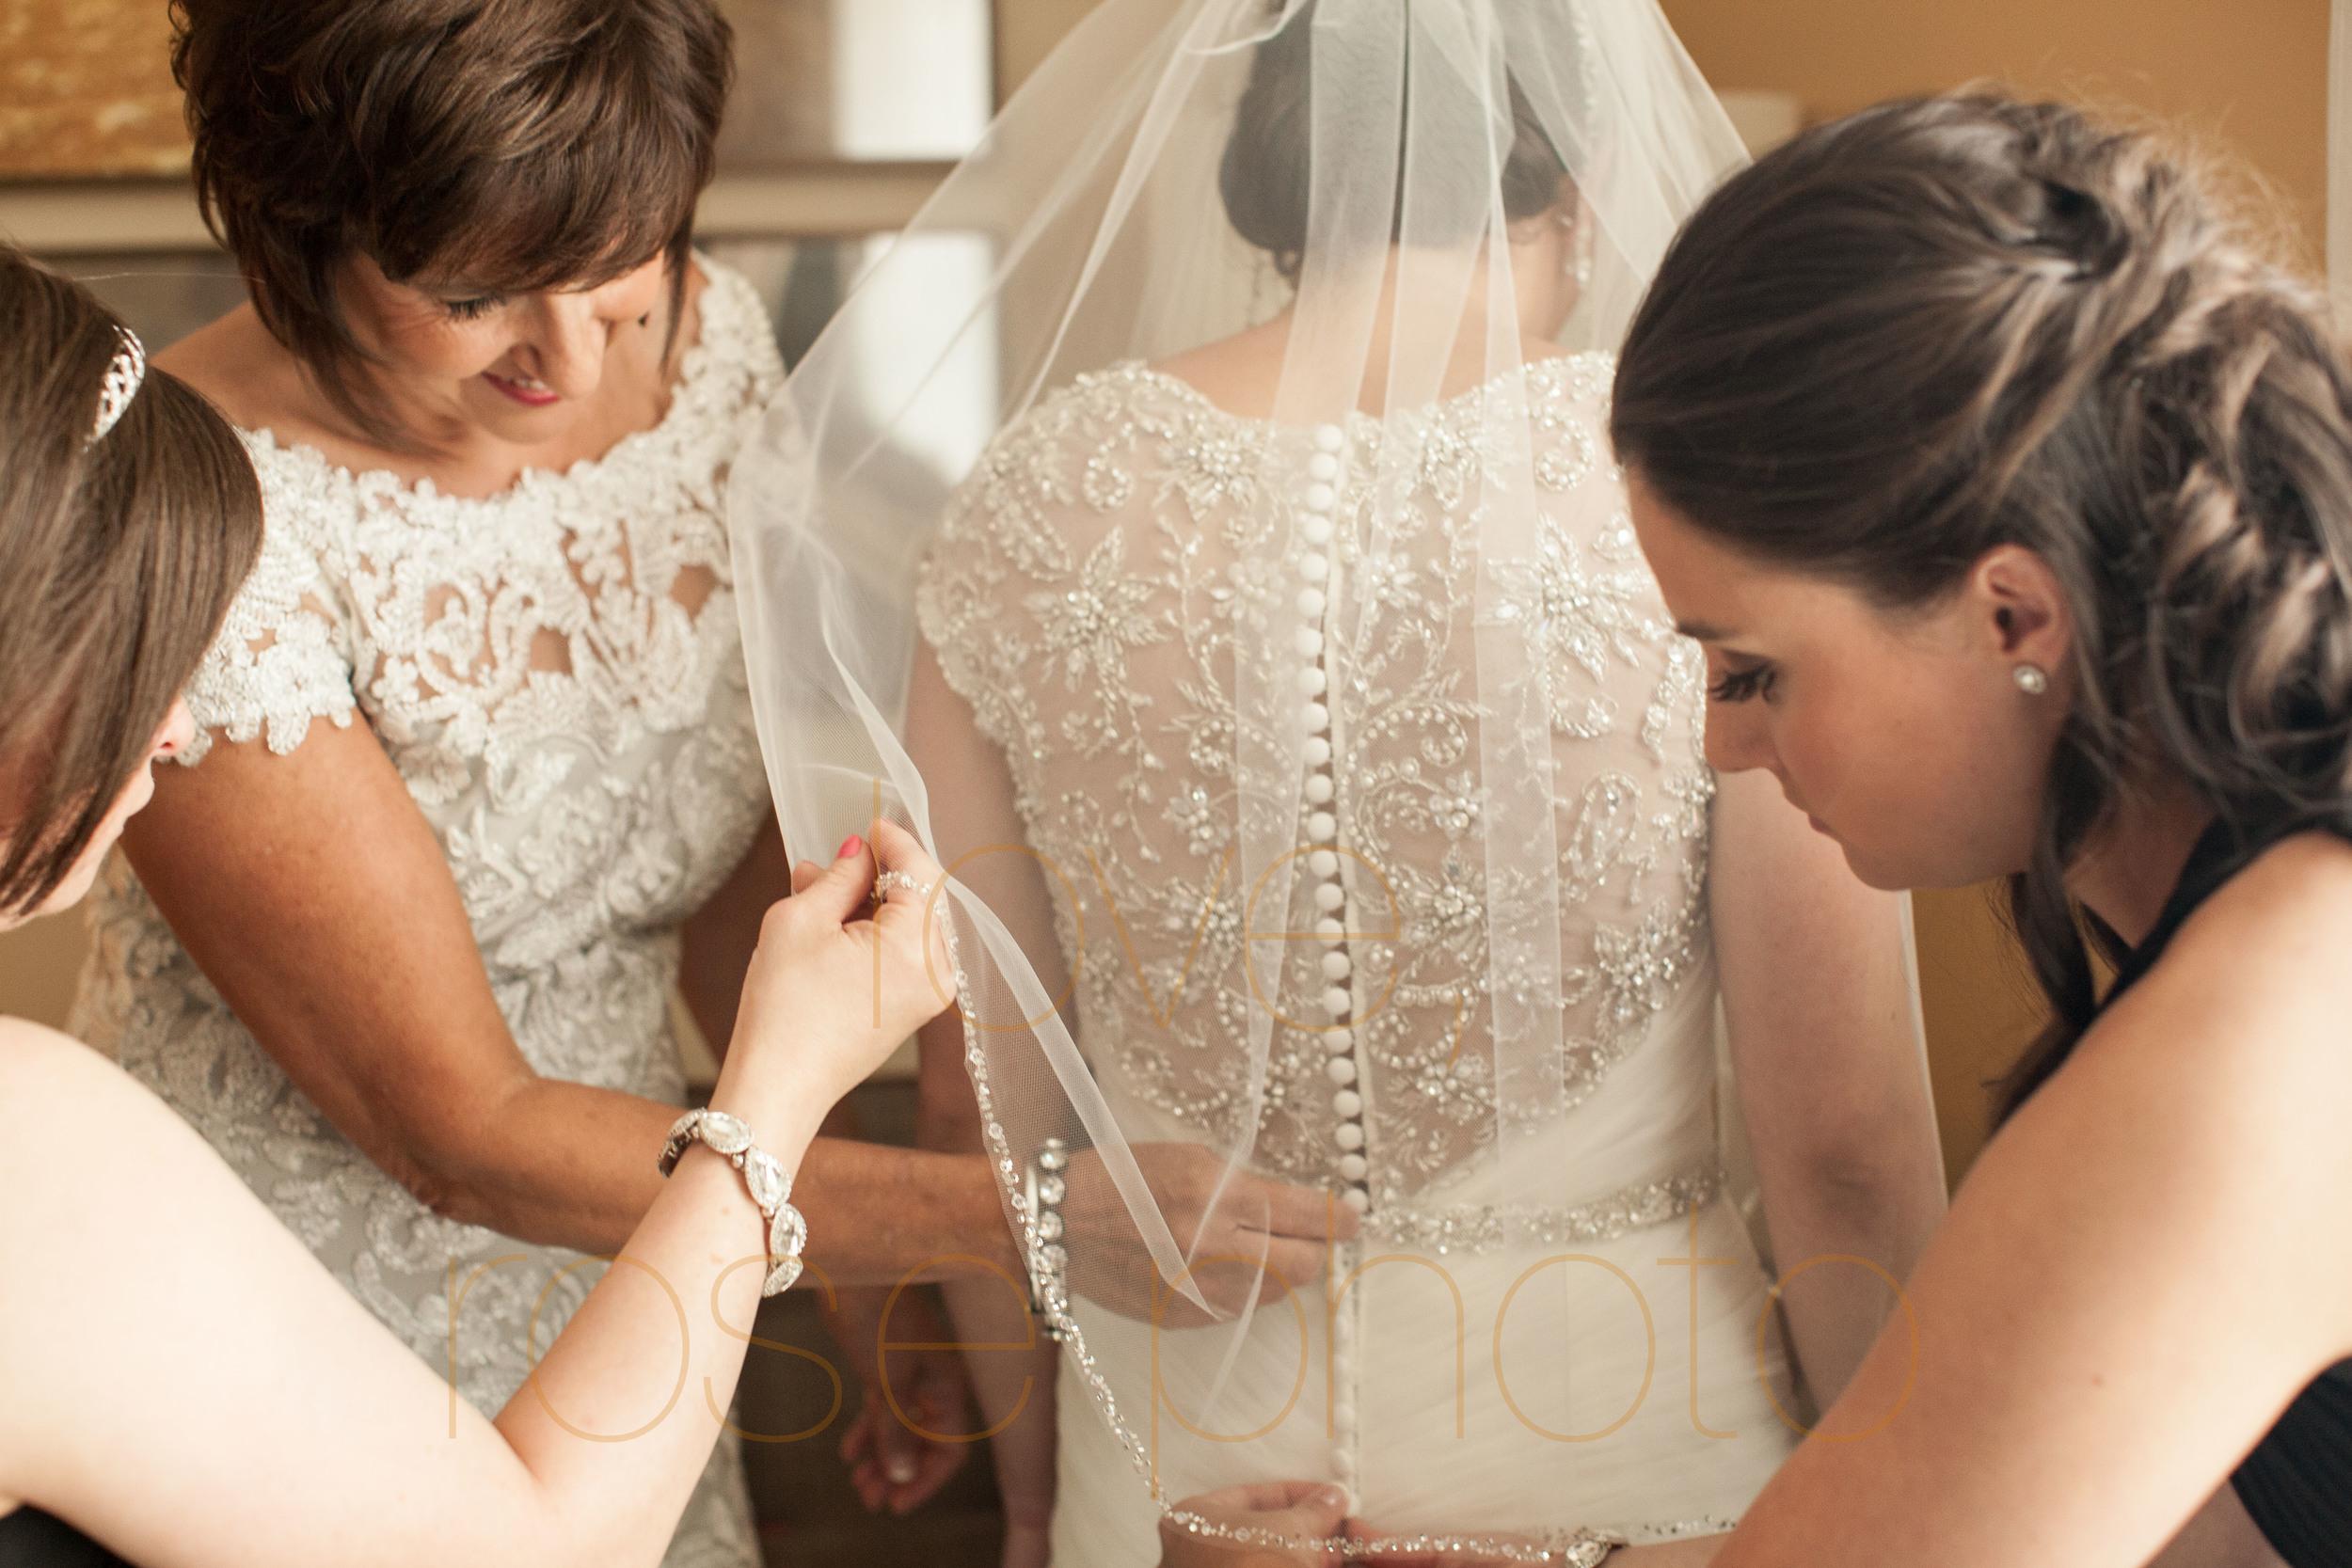 ellen + bryan chicago wedding joliet james healy mansion portrait lifestyle photojournalist photographer -001.jpg